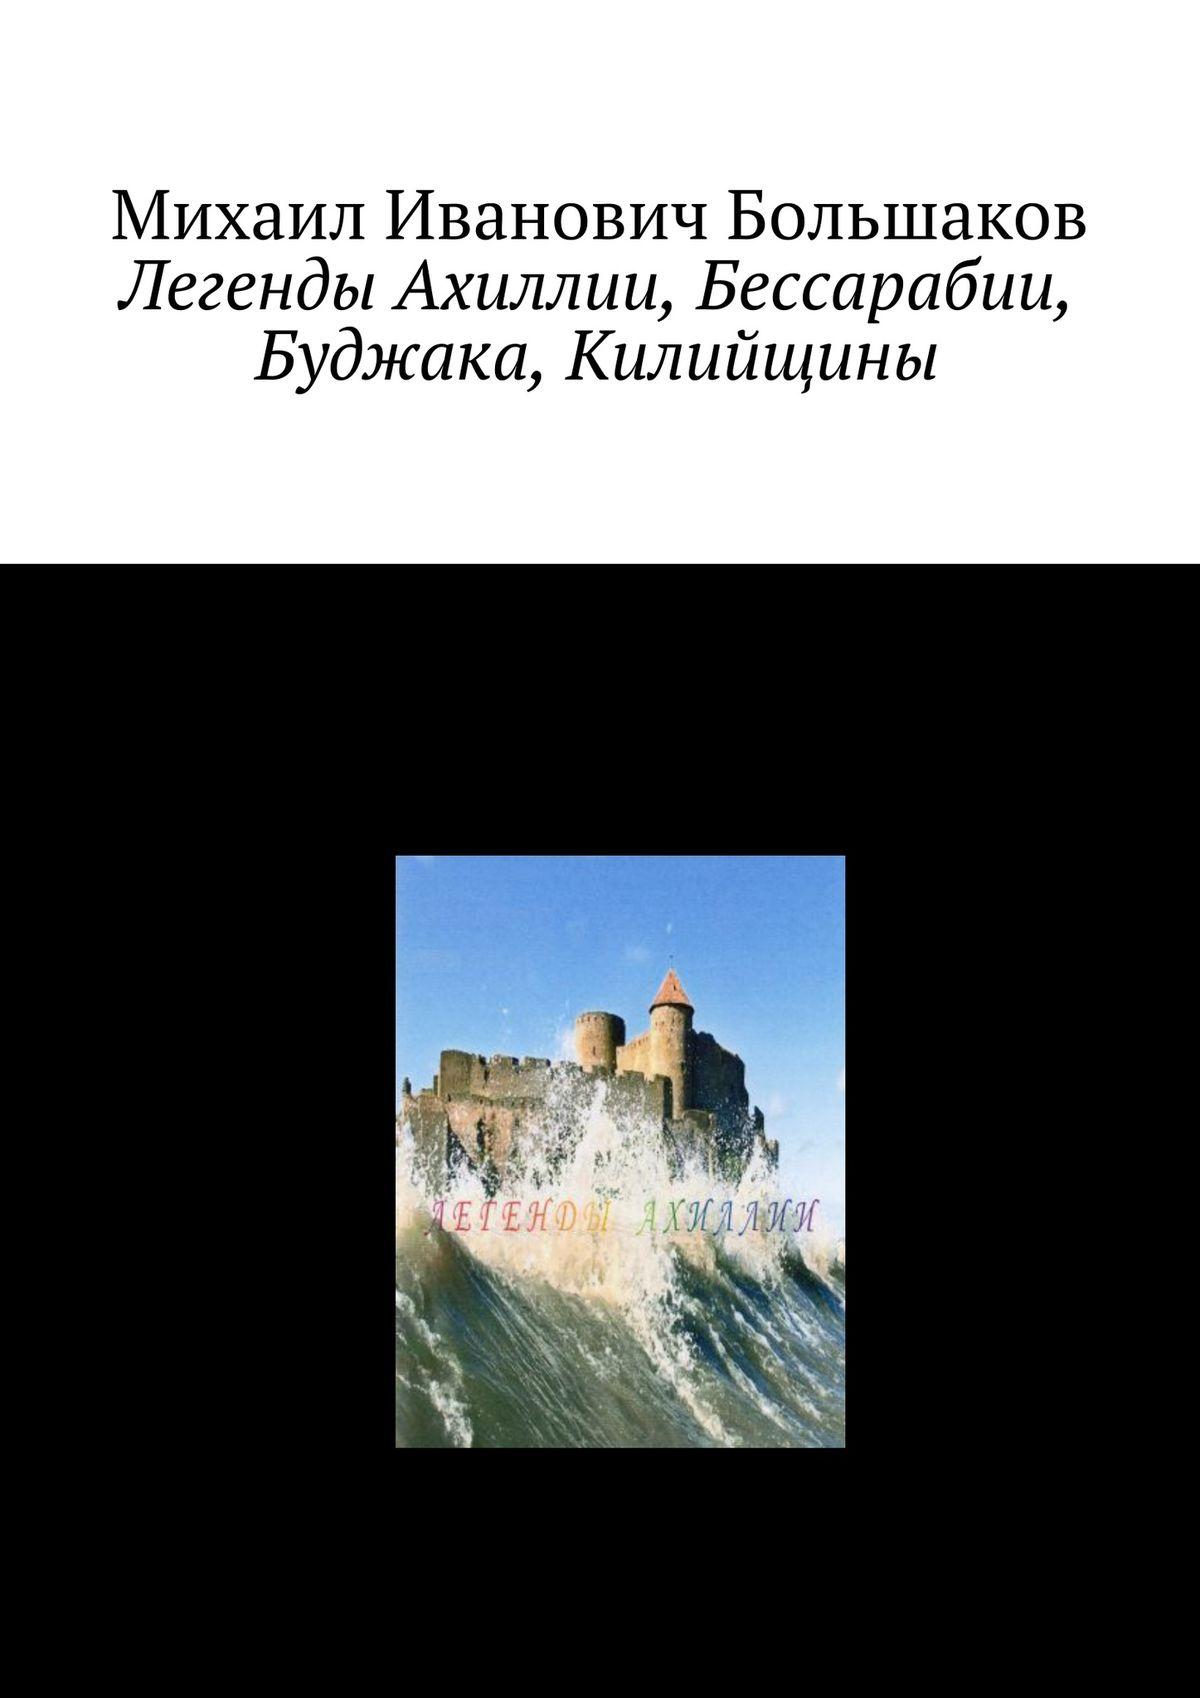 Михаил Иванович Большаков Легенды Ахиллии, Бессарабии, Буджака, Килийщины